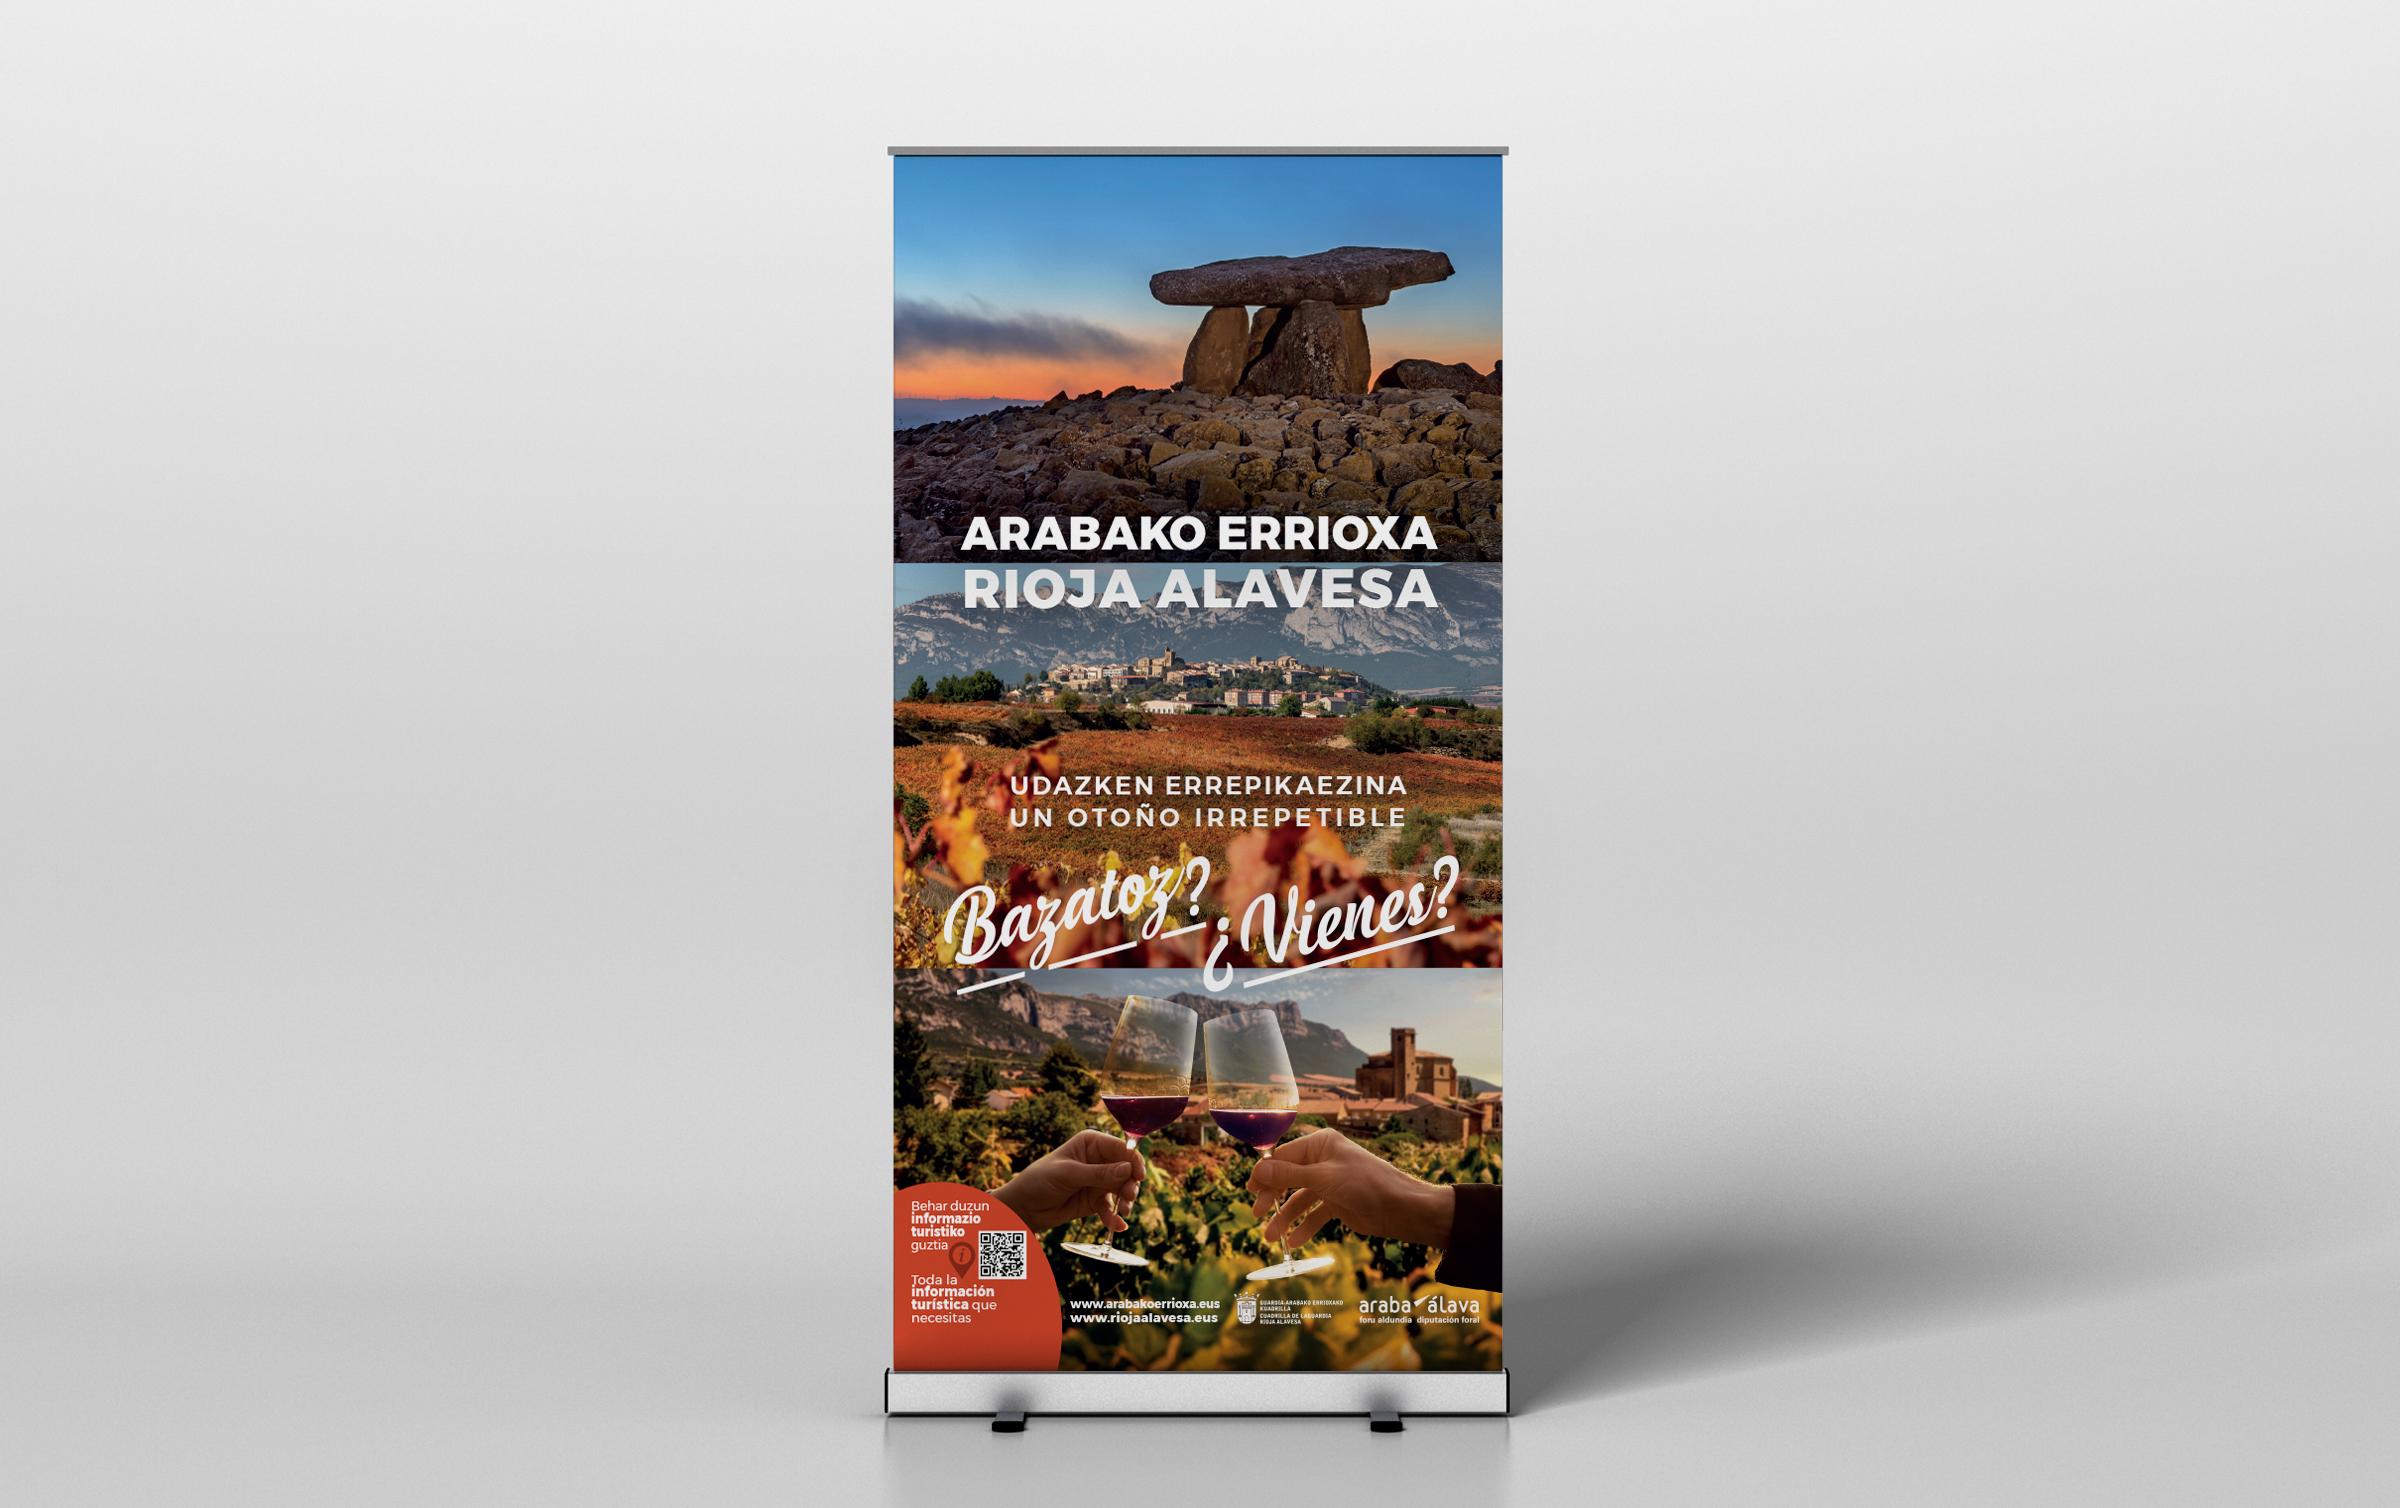 Cuadrilla de Rioja Alavesa – Campaña de promoción turística – Roll-up